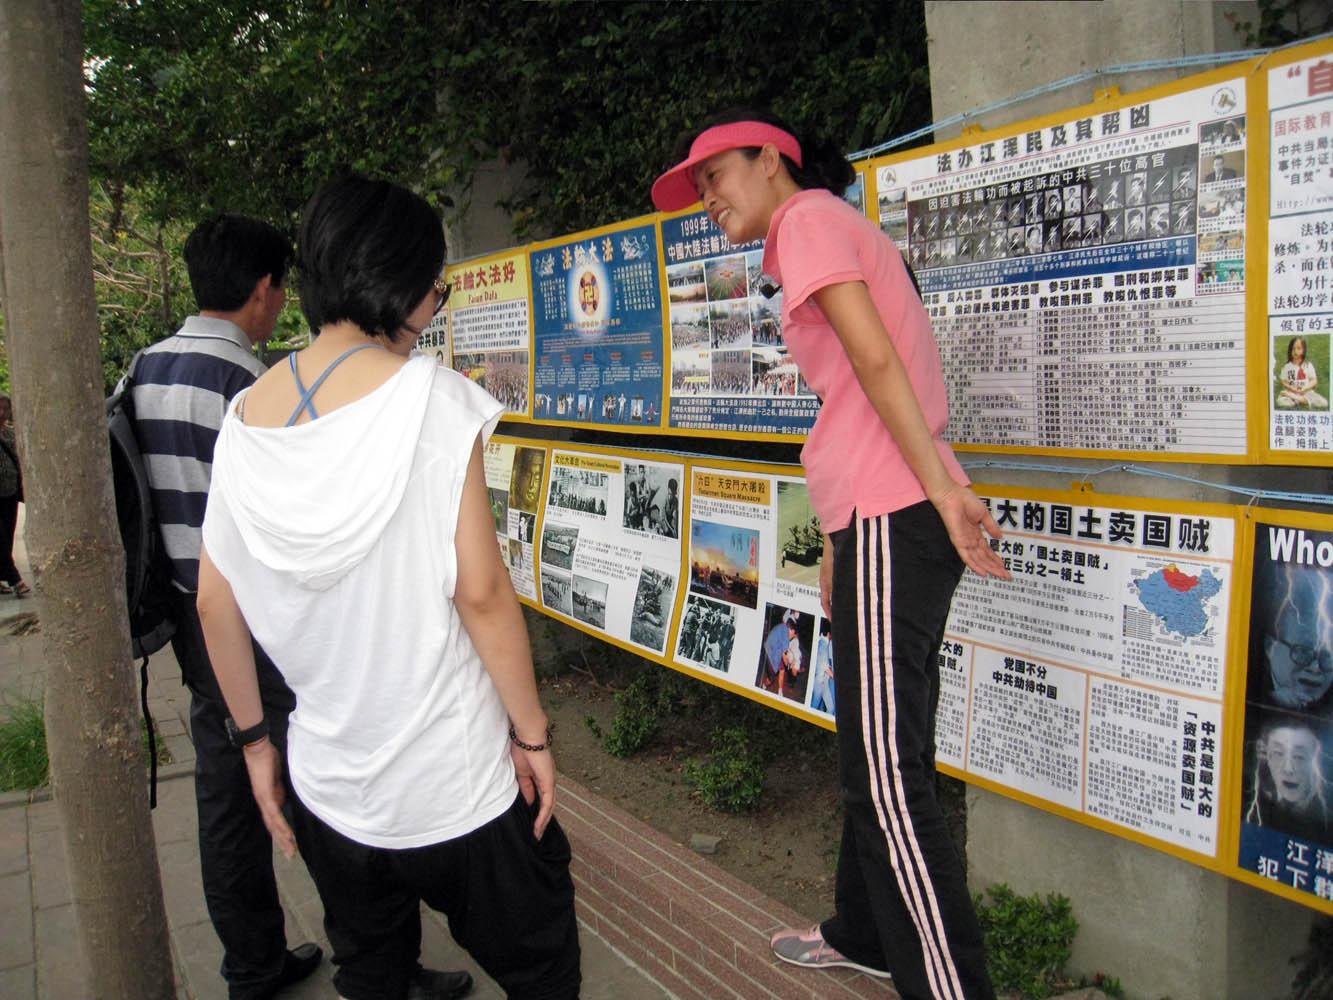 臺灣西子灣掀起大陸遊客退黨熱(圖) 【明慧網】